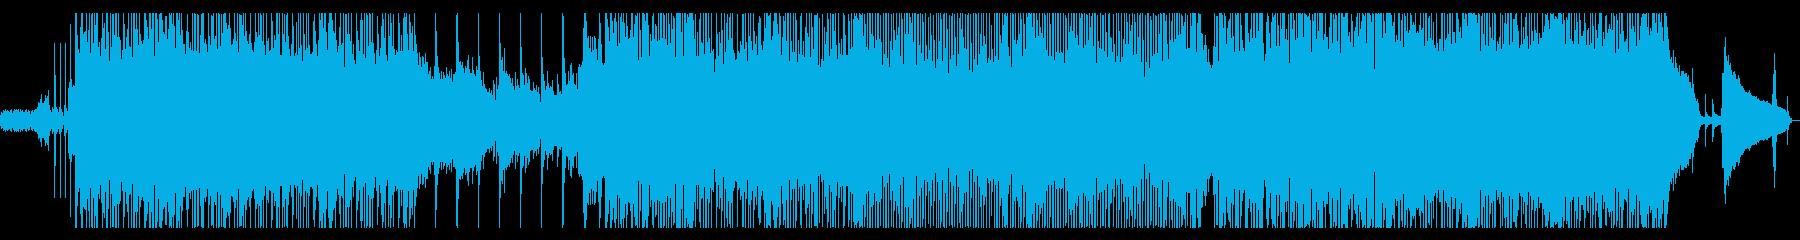 さわやかなサウンドのポップスの再生済みの波形